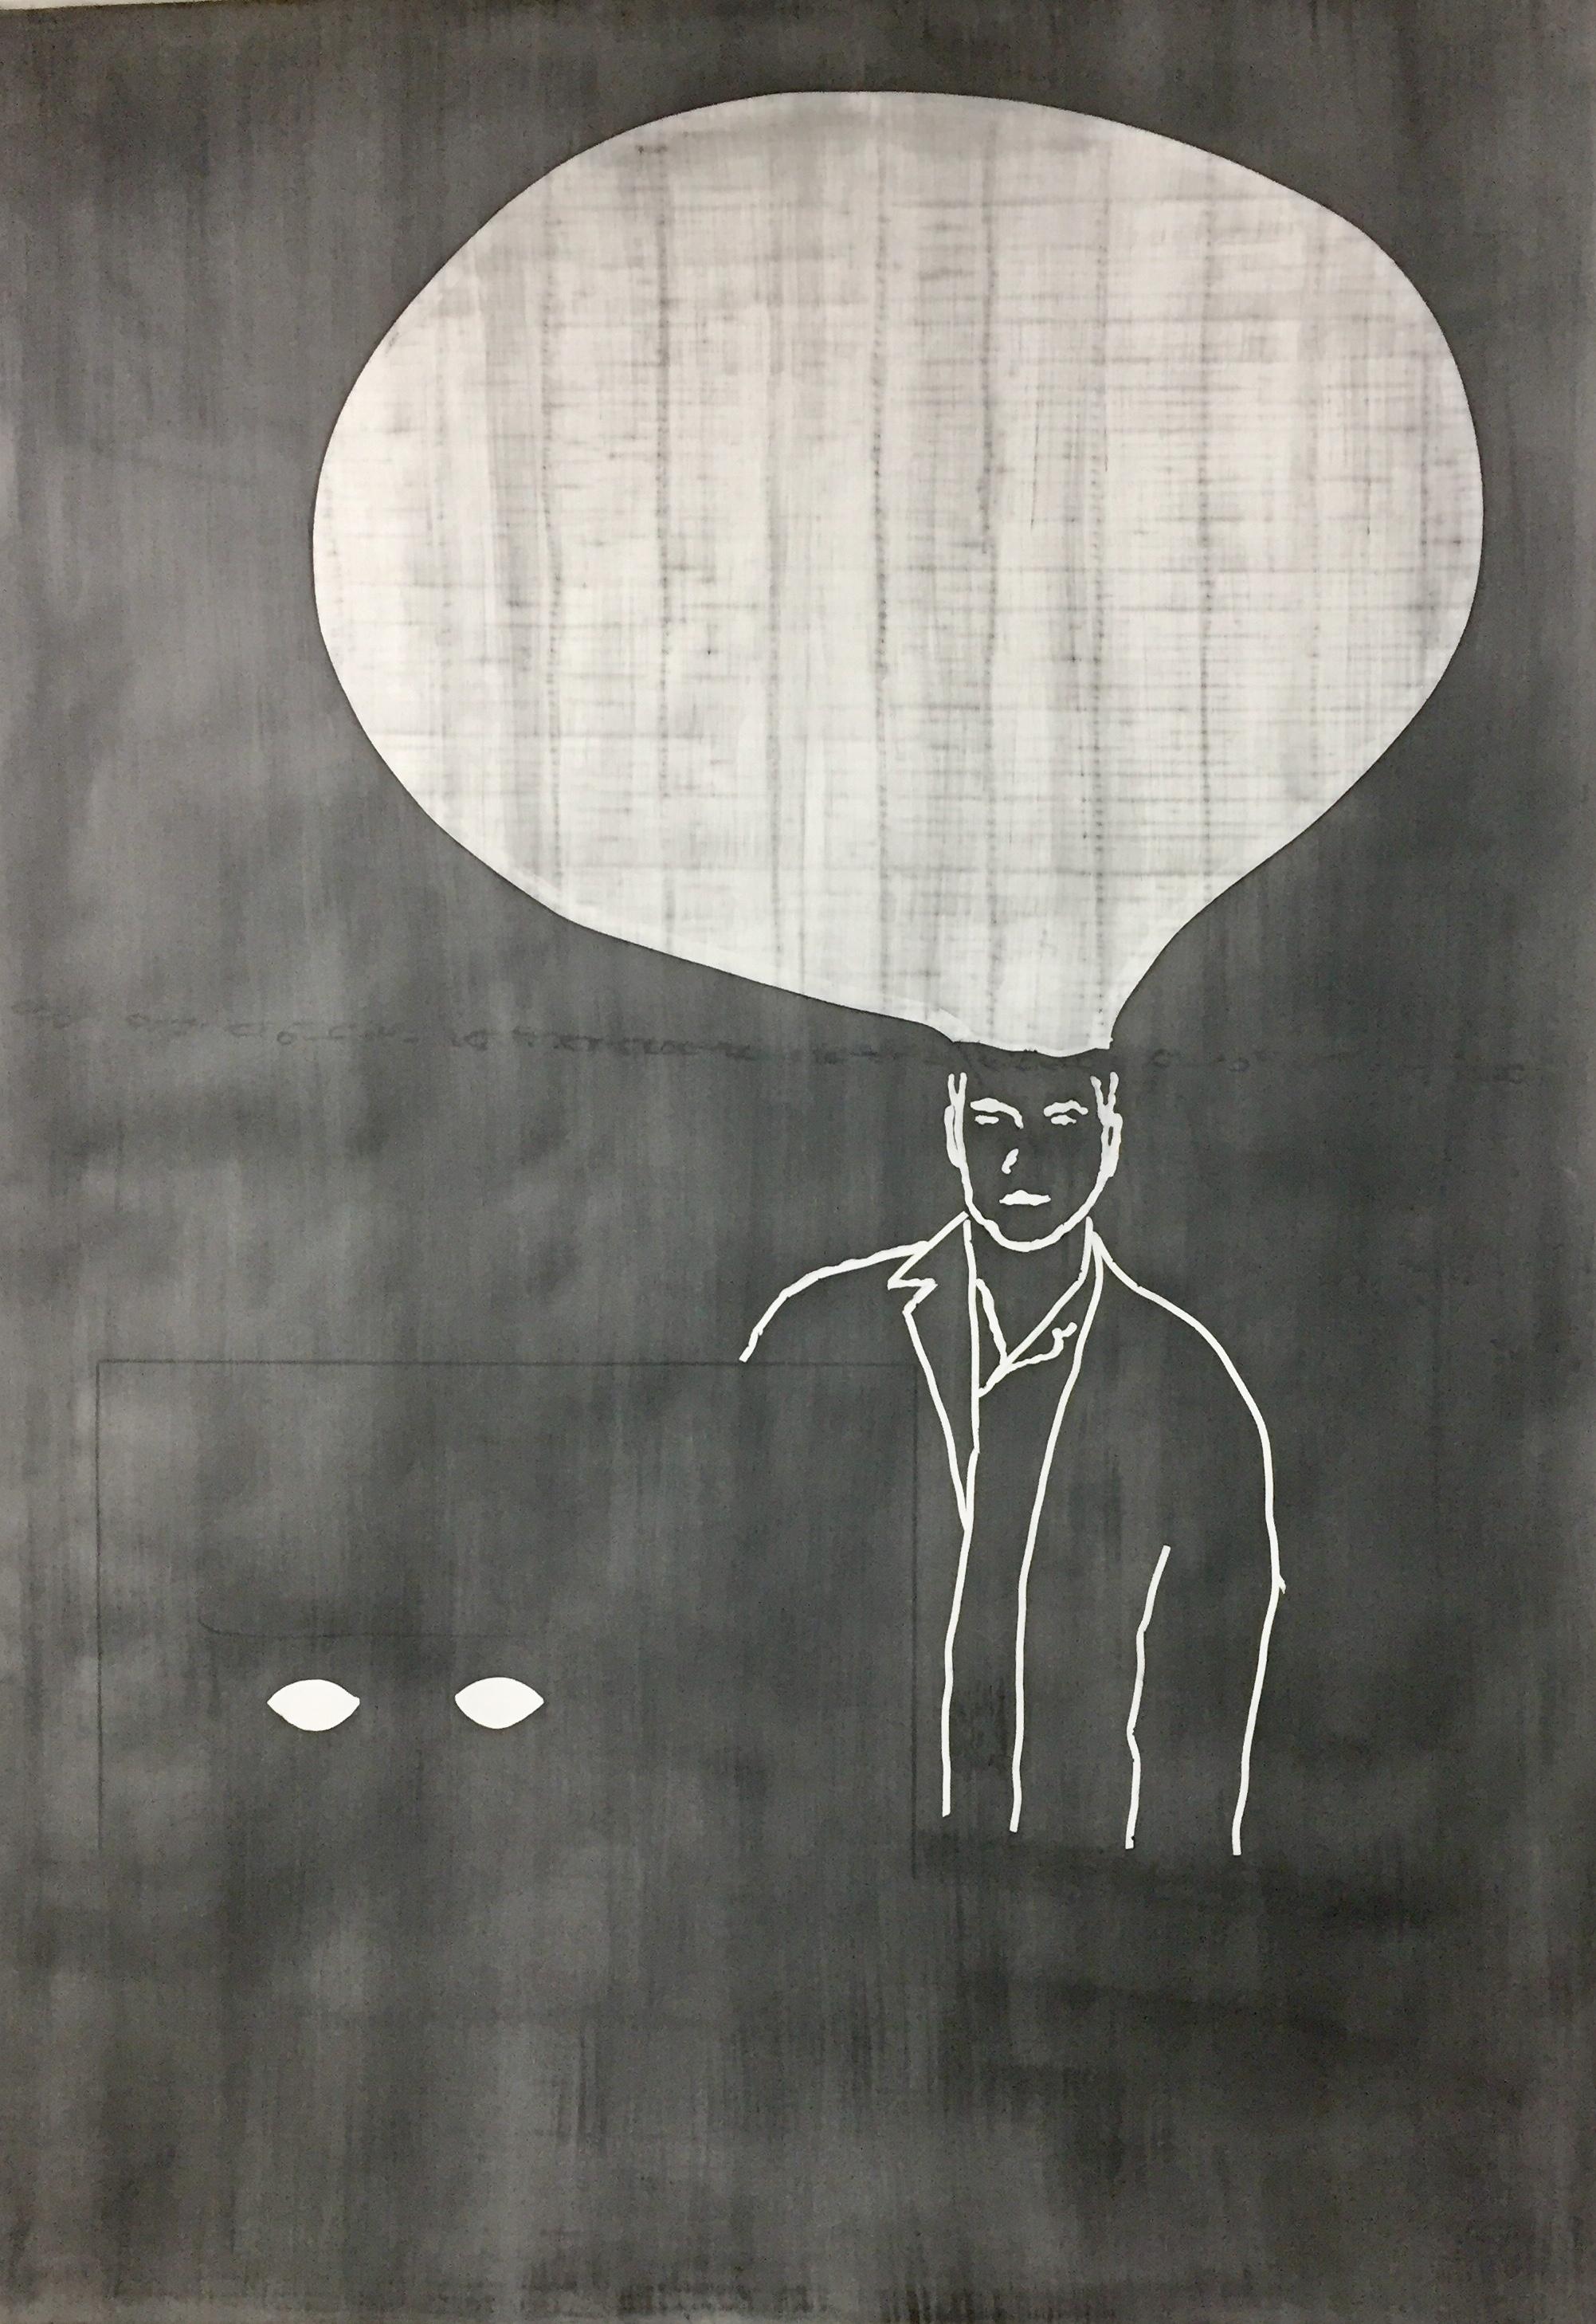 """© Alain Huck, """"Culpa"""", graphite sur papier, 151x215 cm, 2017."""